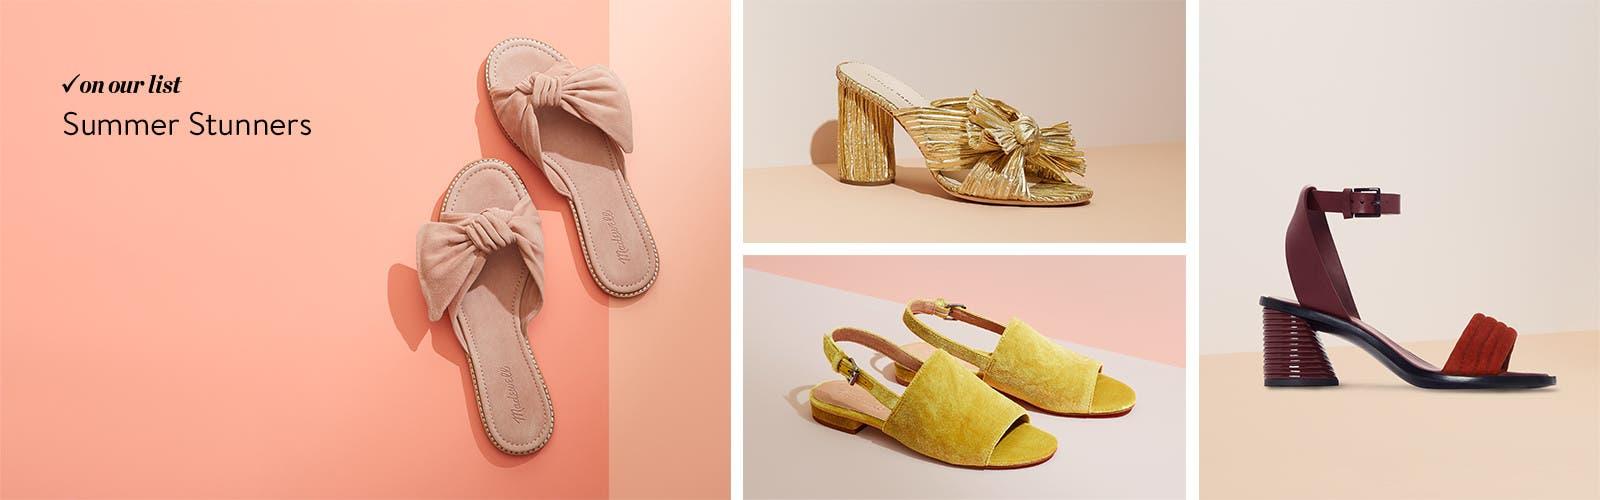 Summer stunners.